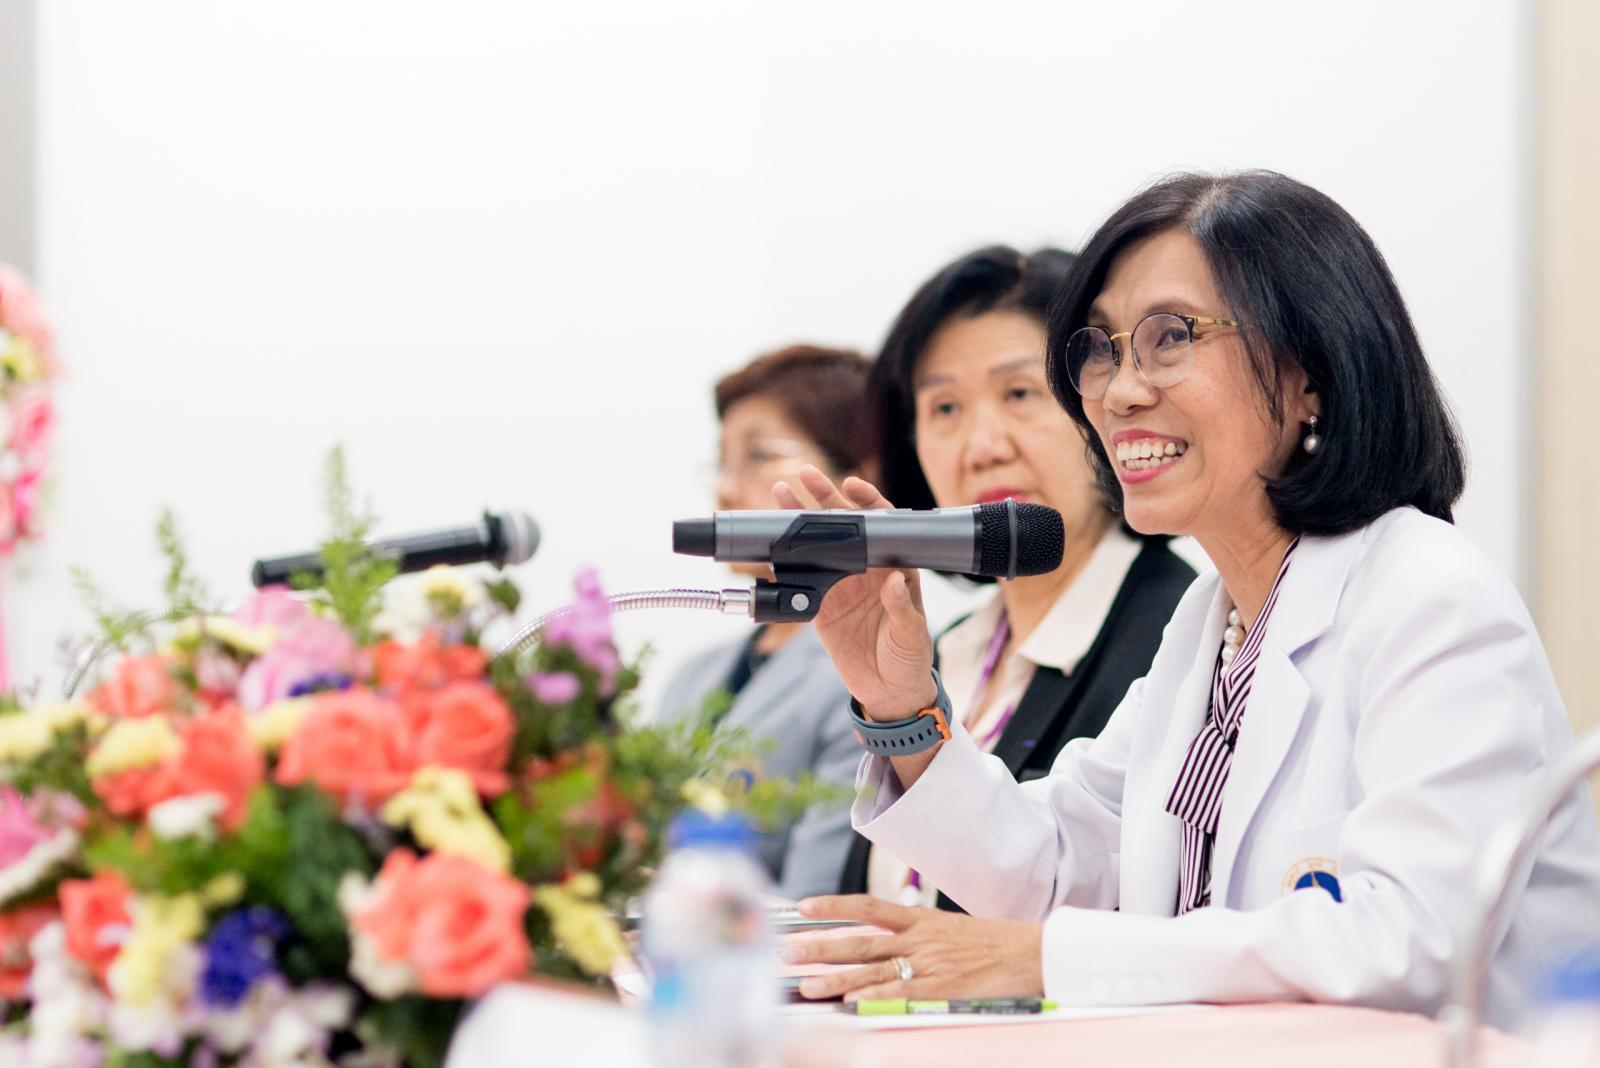 โรงเรียนพยาบาลรามาธิบดี เปิดใหม่ 3 หลักสูตรพยาบาล